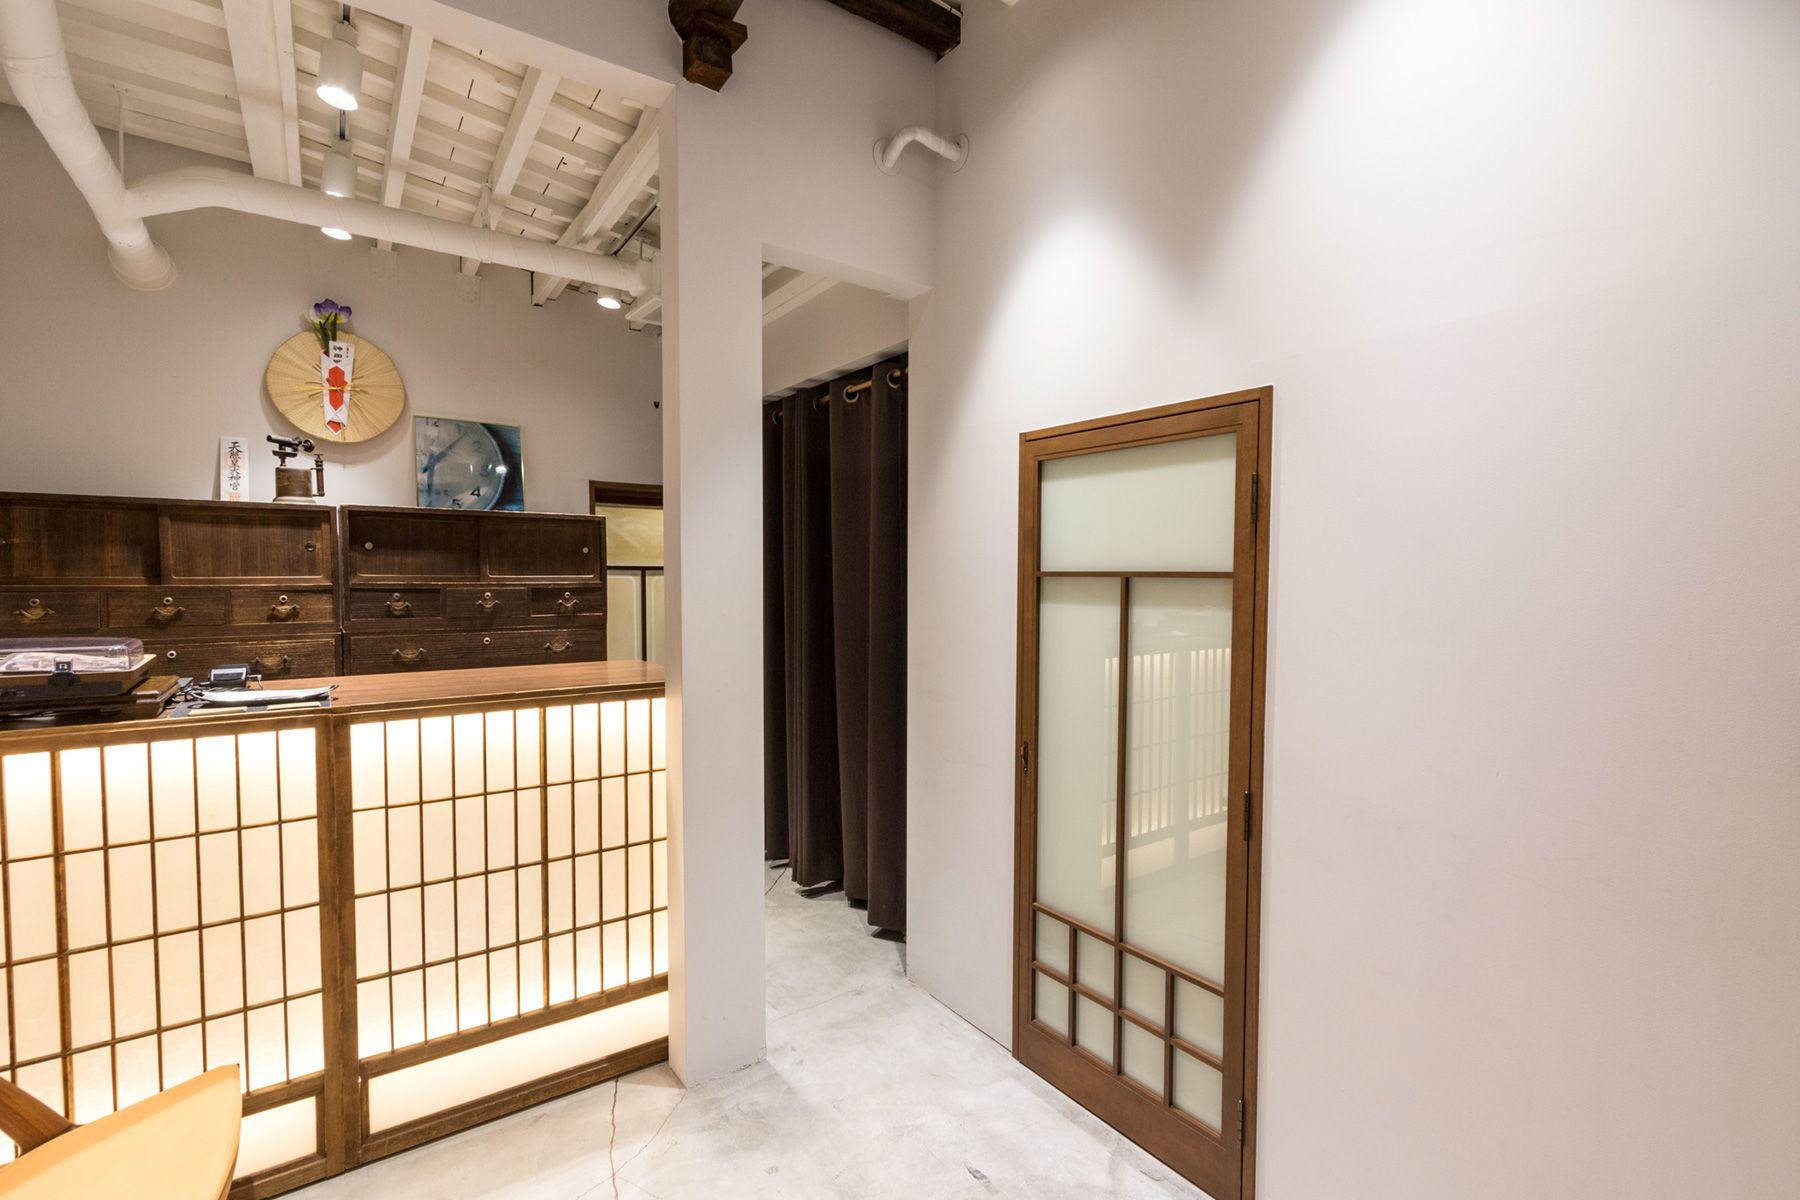 ノルウェージャン・レイン&T-マイケル東京ストア (shop)1F 昭和初期の建具